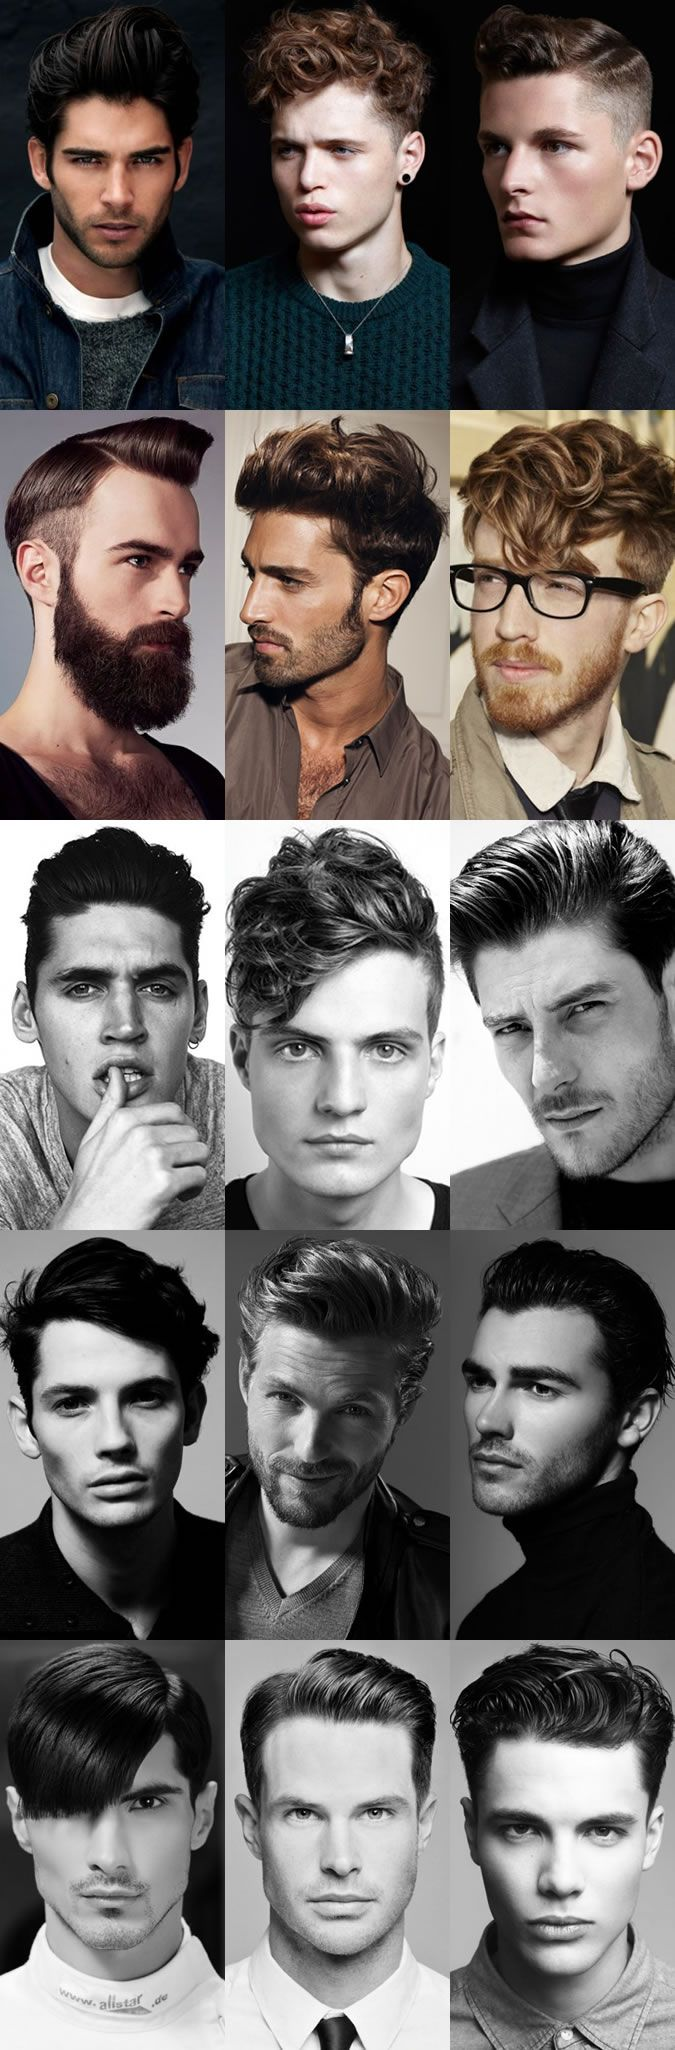 Men's Gel Hairstyles Lookbook